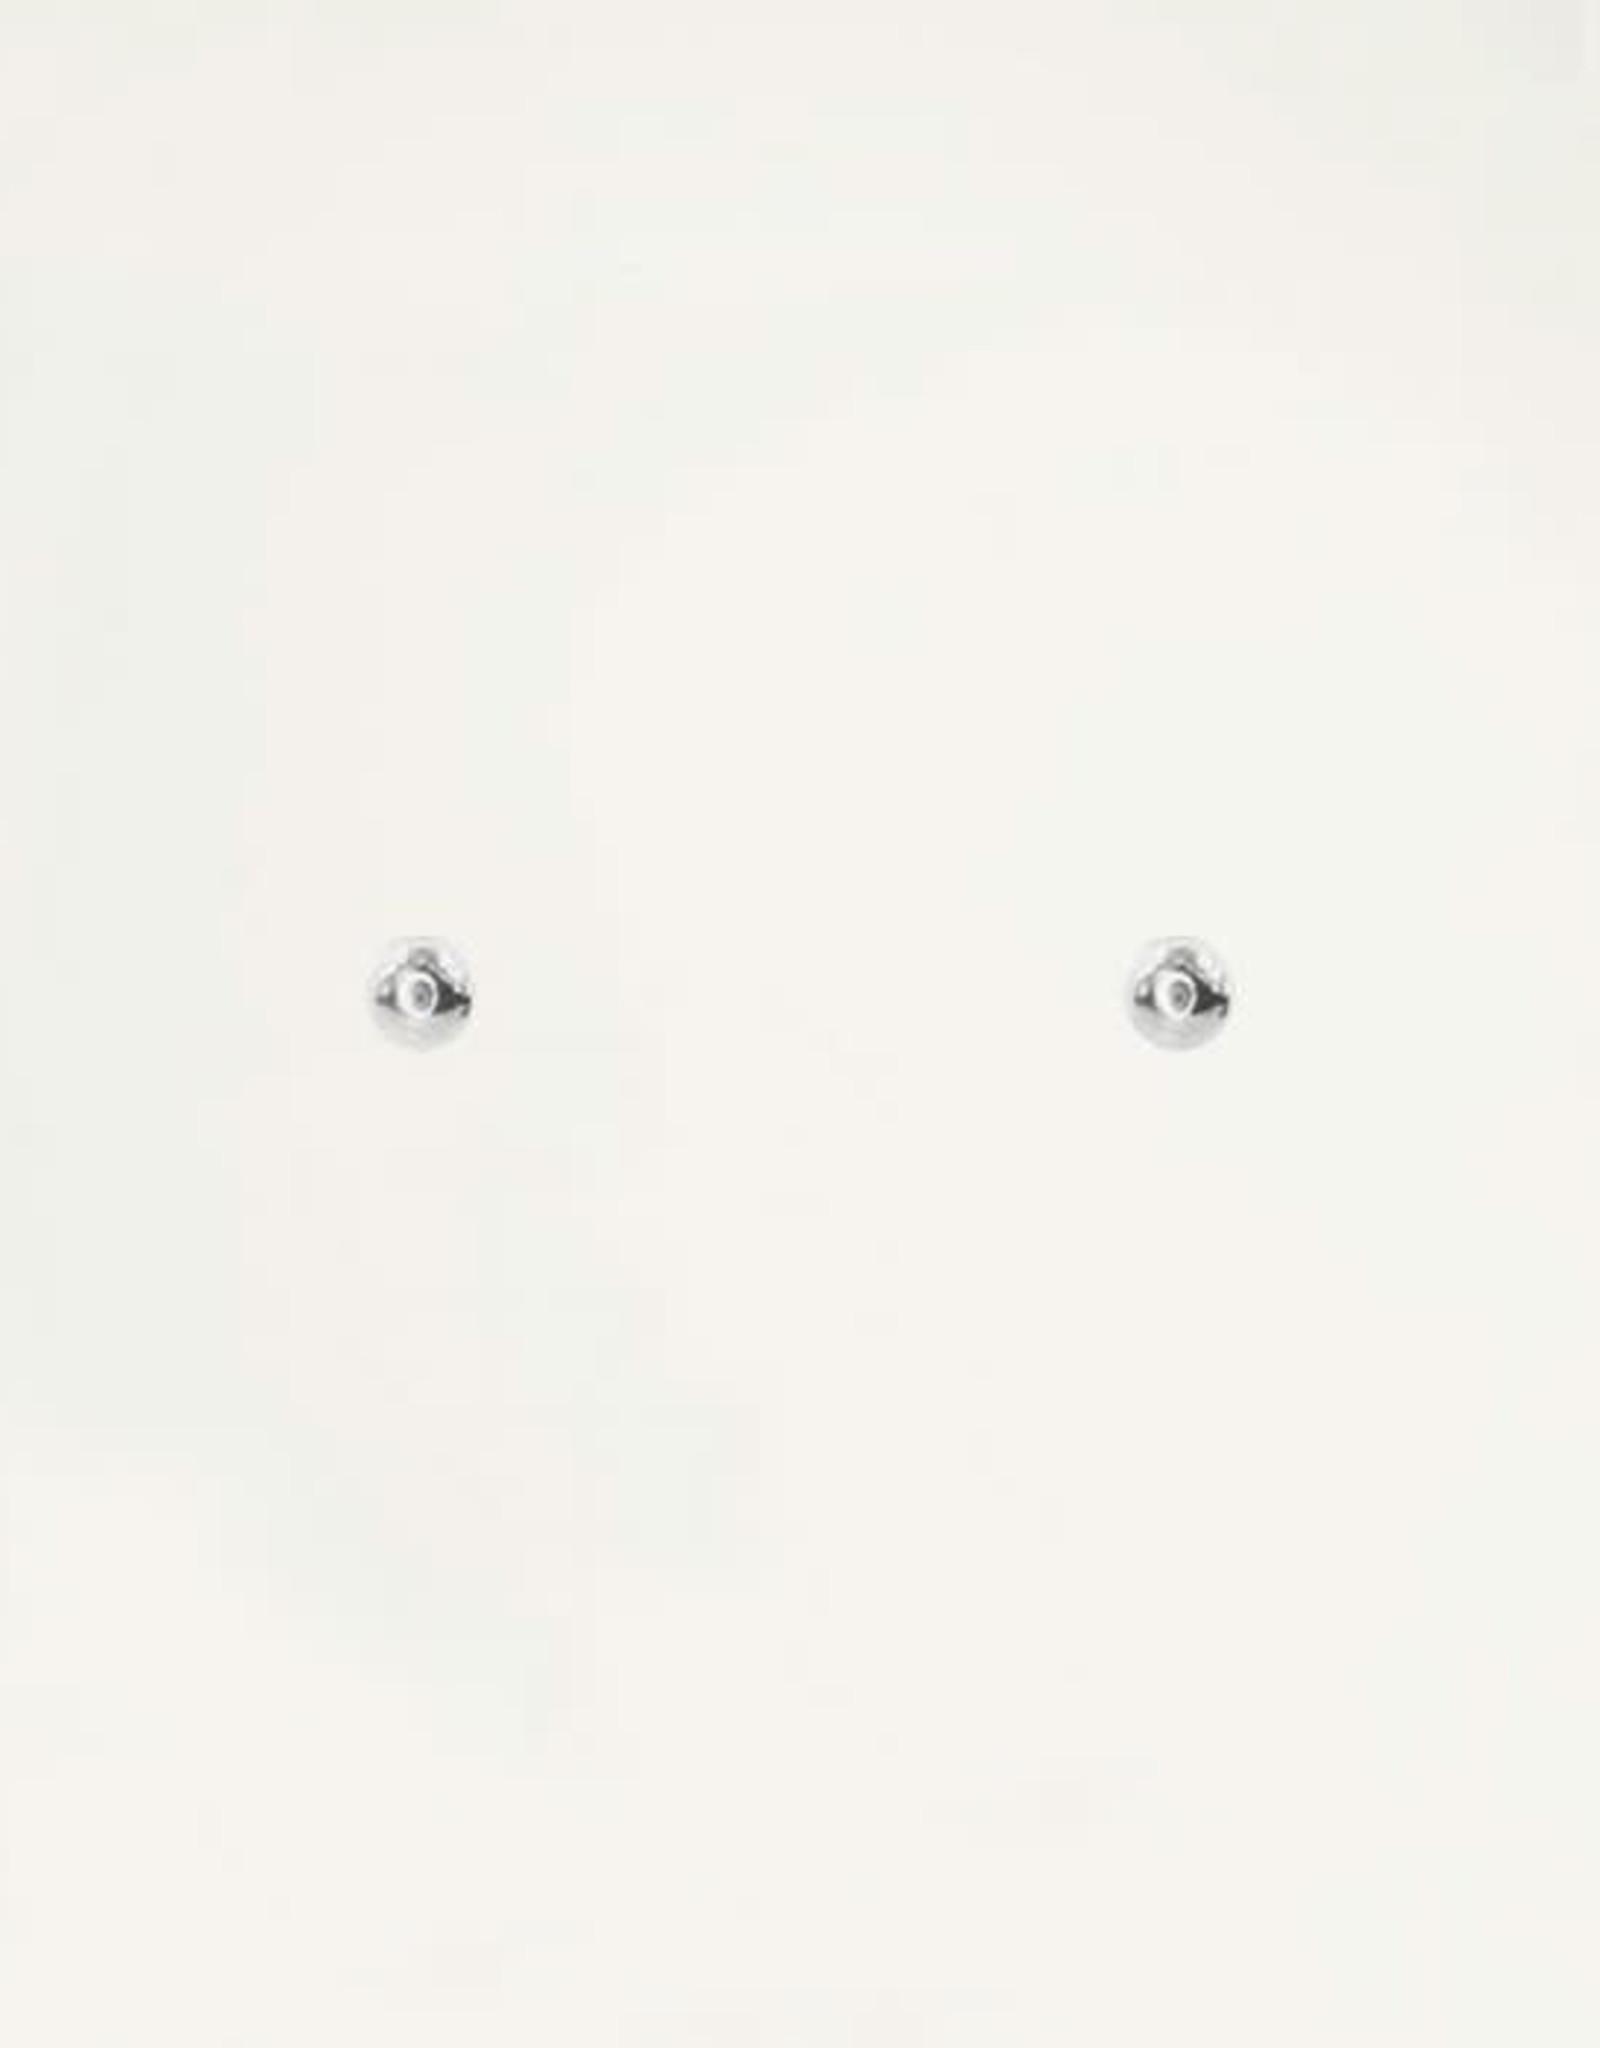 My Jewelry Oorbellen Studs mini dot-silver